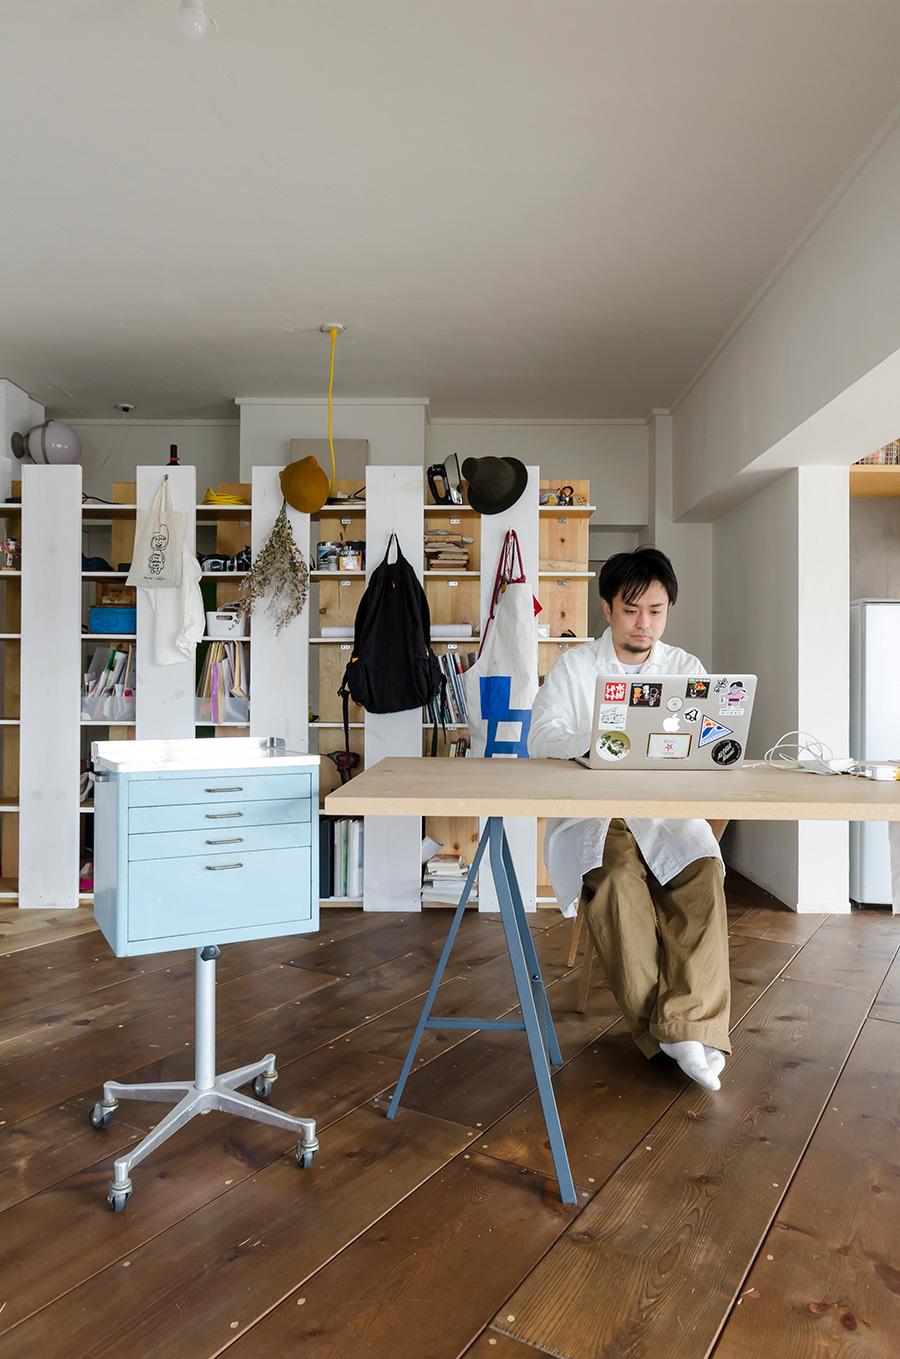 一級建築士・加藤渓一さん。studioPEACEsign設立。デザインから工事のすべてを自分たちの手で行うHandiHouse projectメンバーとしても活動。